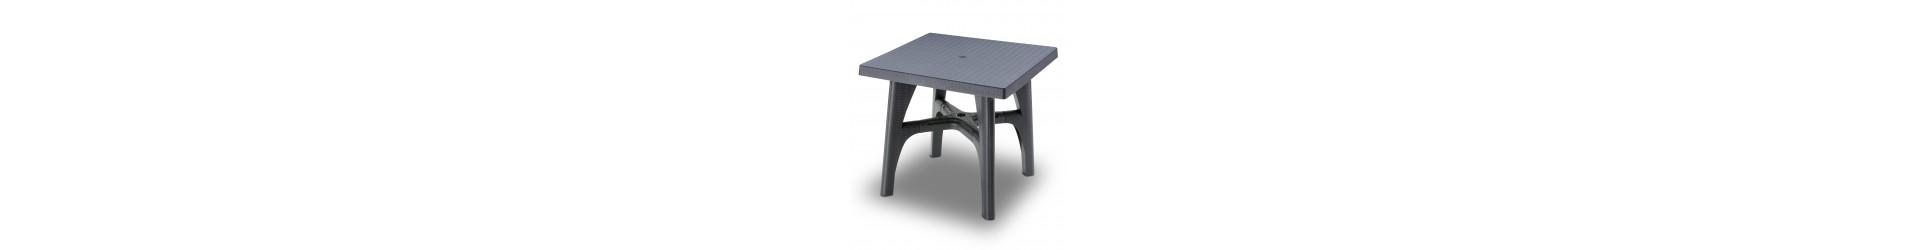 Mesas de centro para jardín, mesas para jardín y exteriores